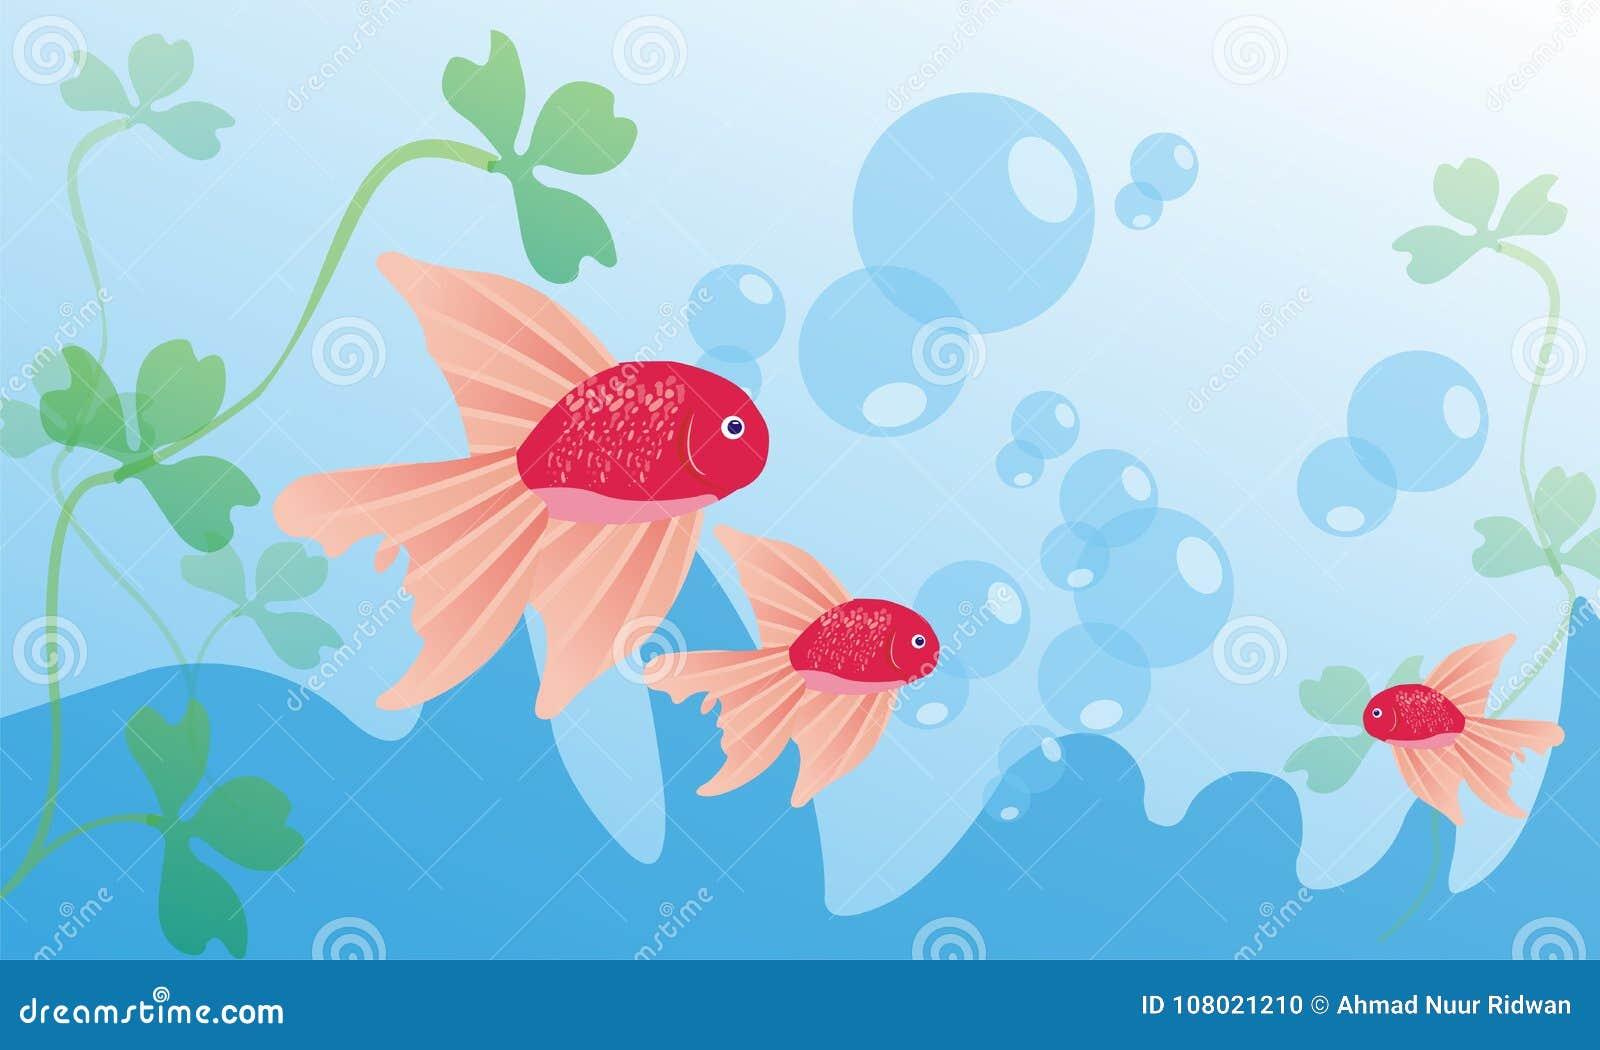 Koi Fish And Aqua Blue Wallpaper